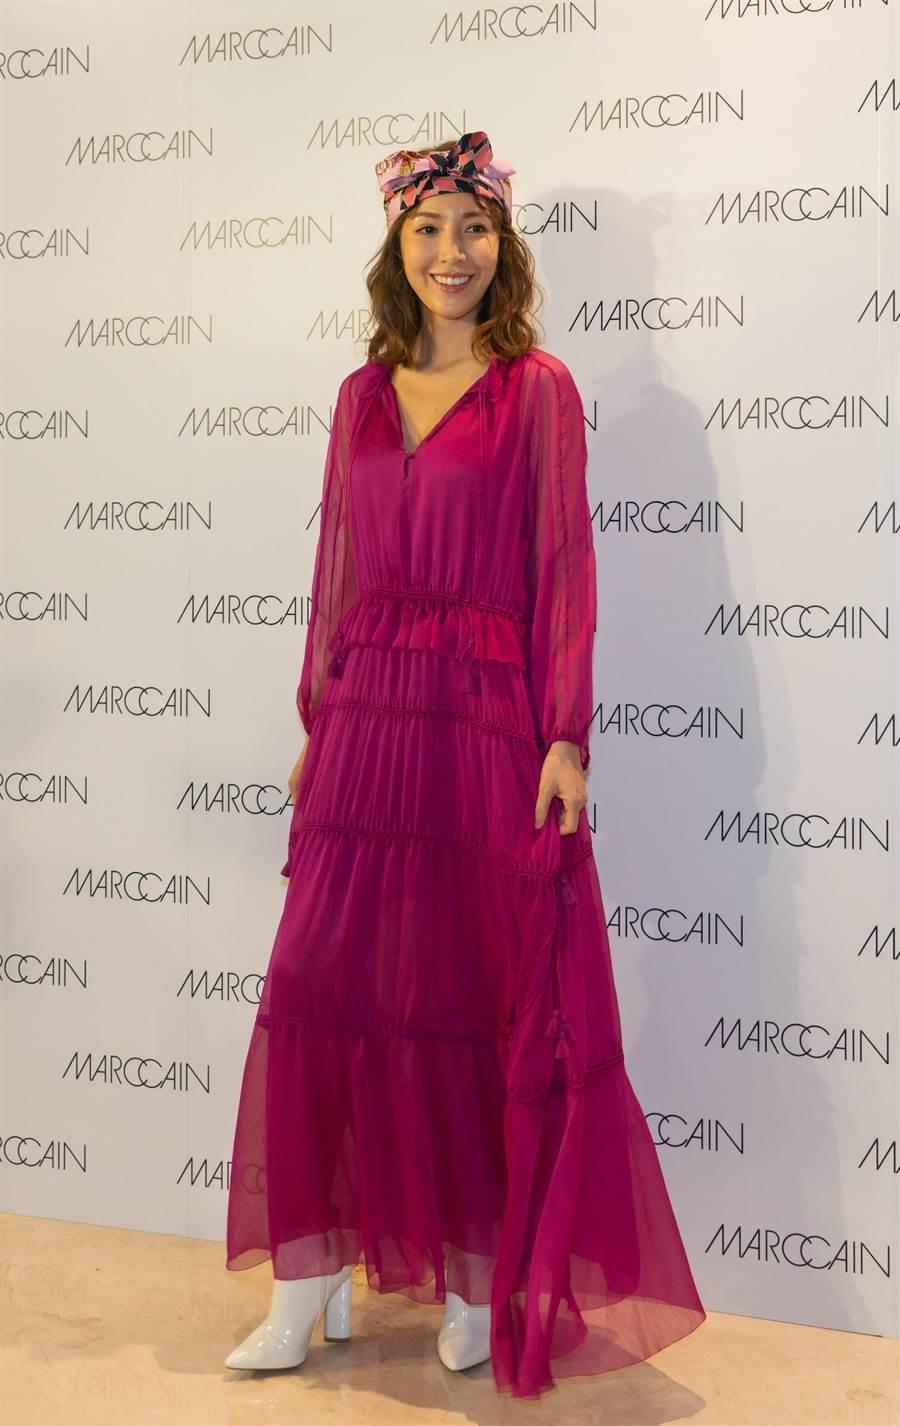 楊謹華以桃紅色長洋裝,搭配碎花頭巾,現身德國的頂級女裝品牌旗艦店開幕儀式。(Marc Cain提供)